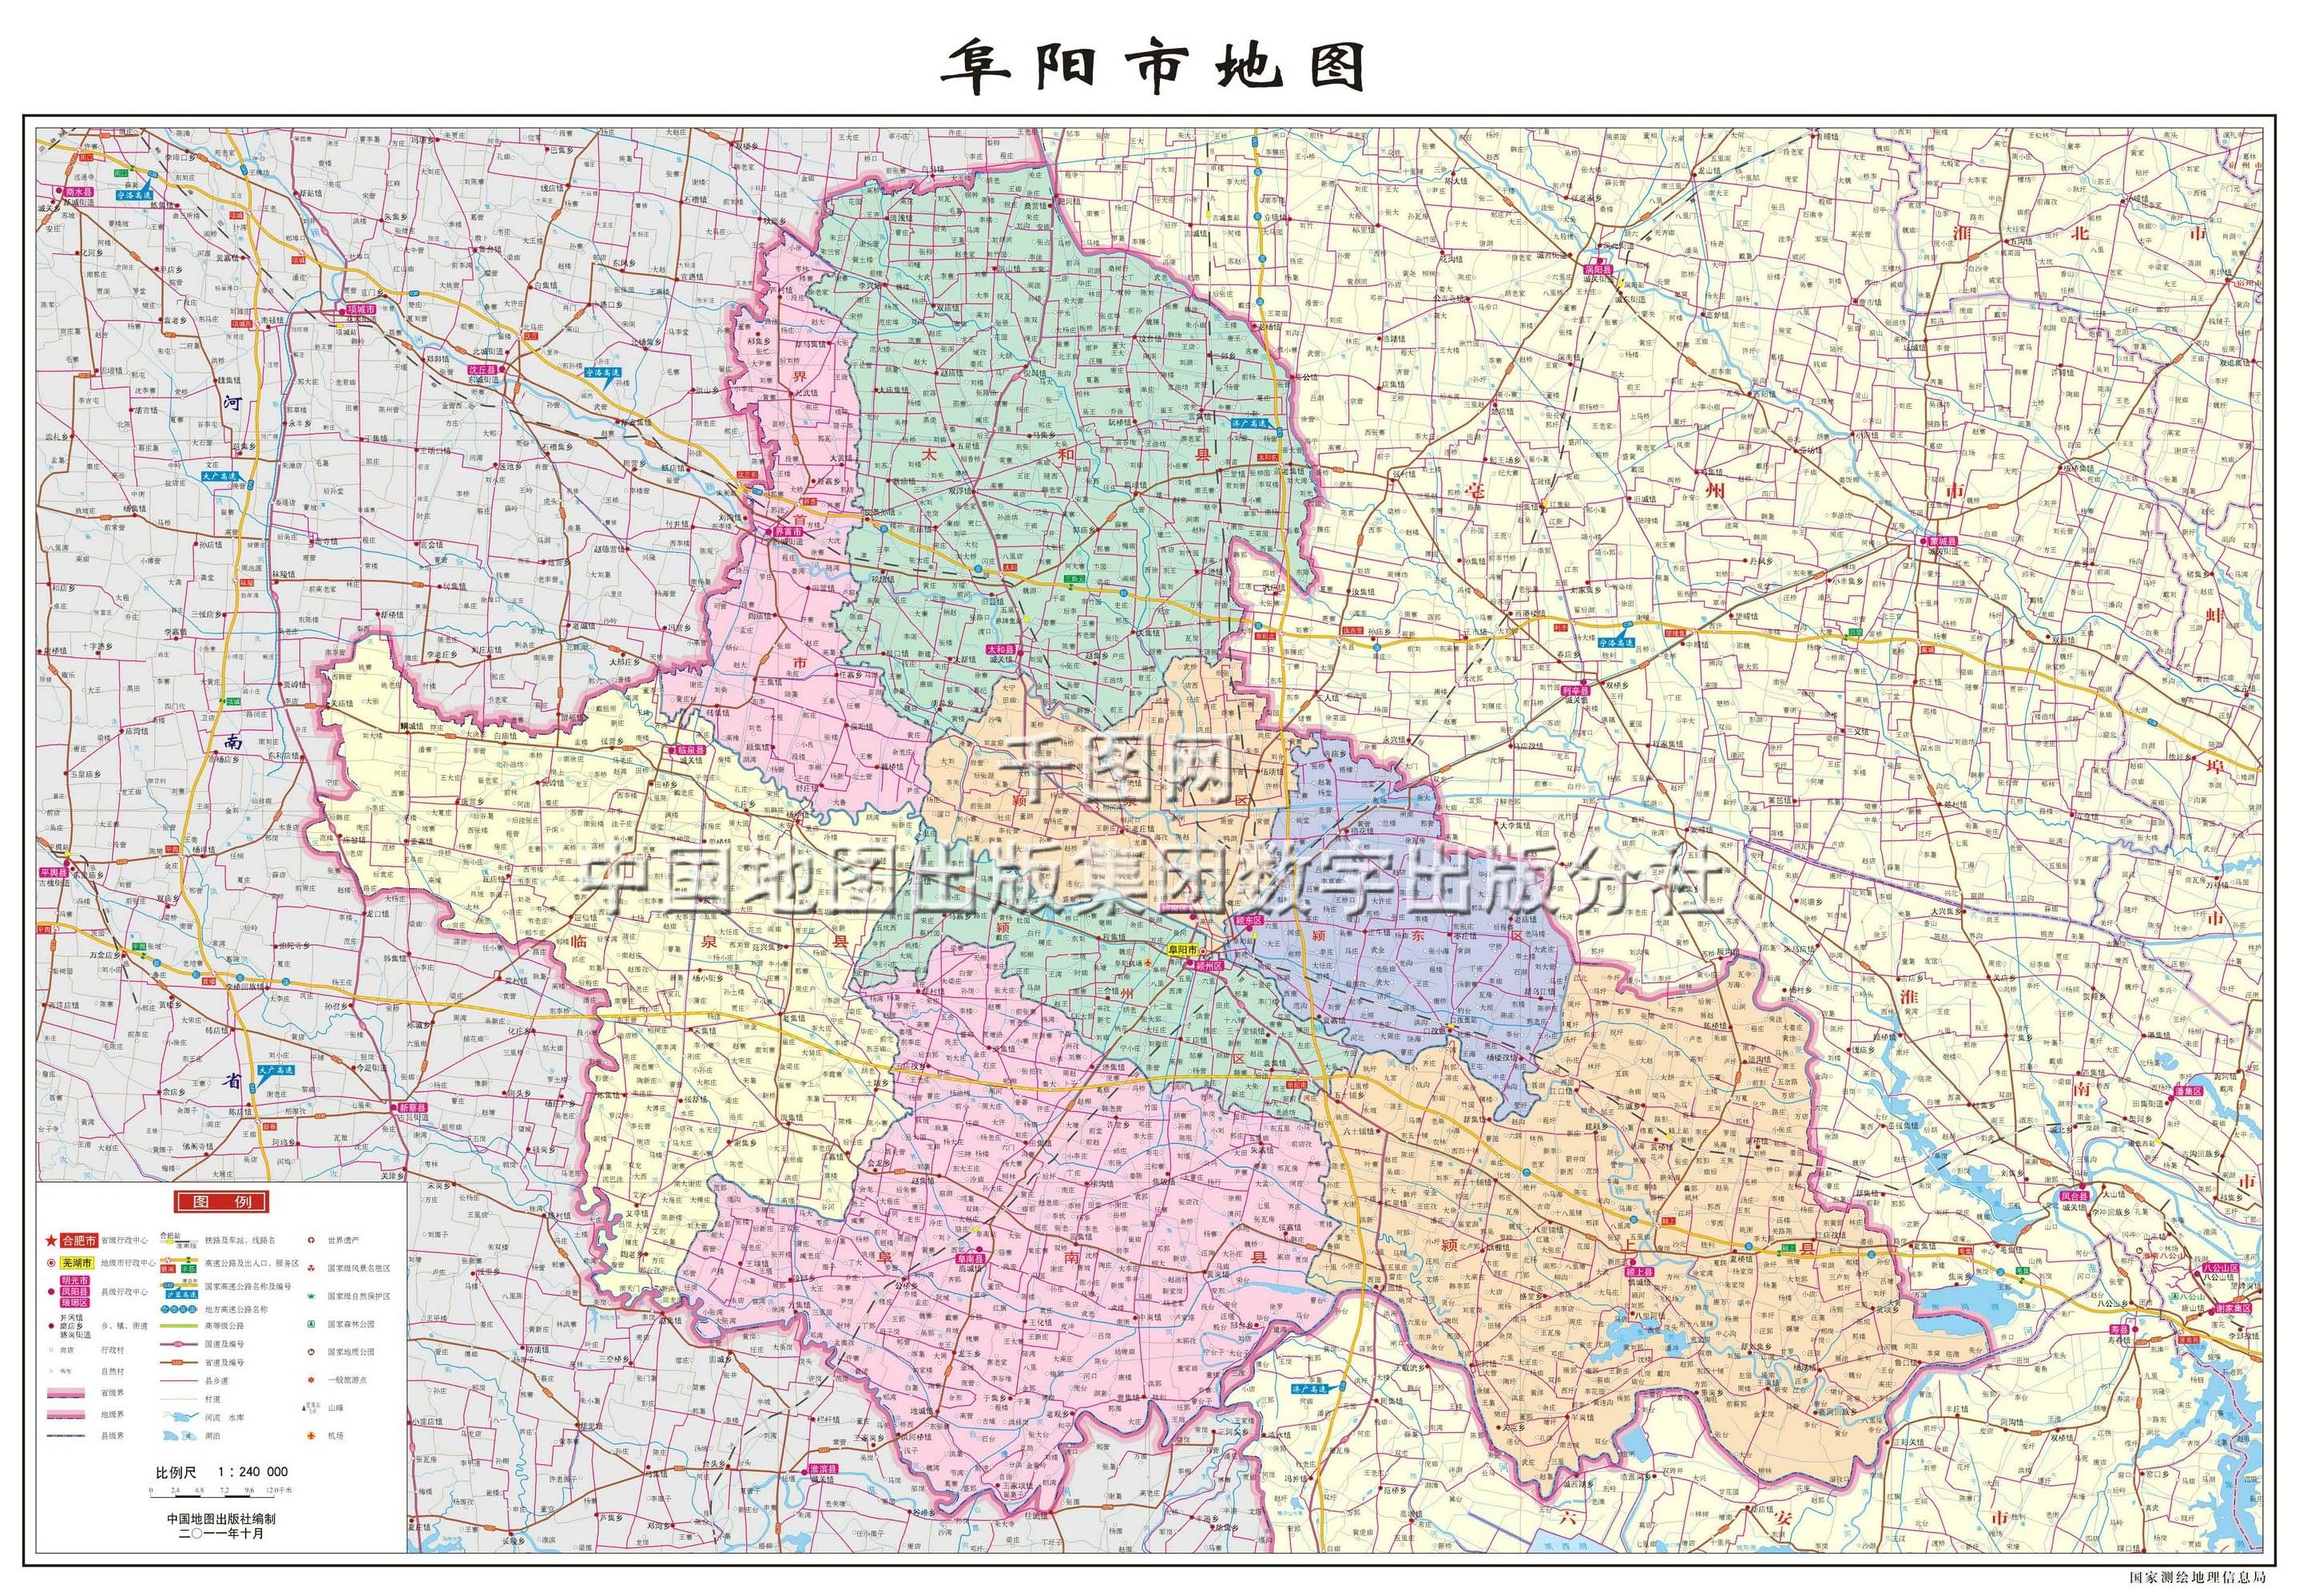 阜阳市地图高清版